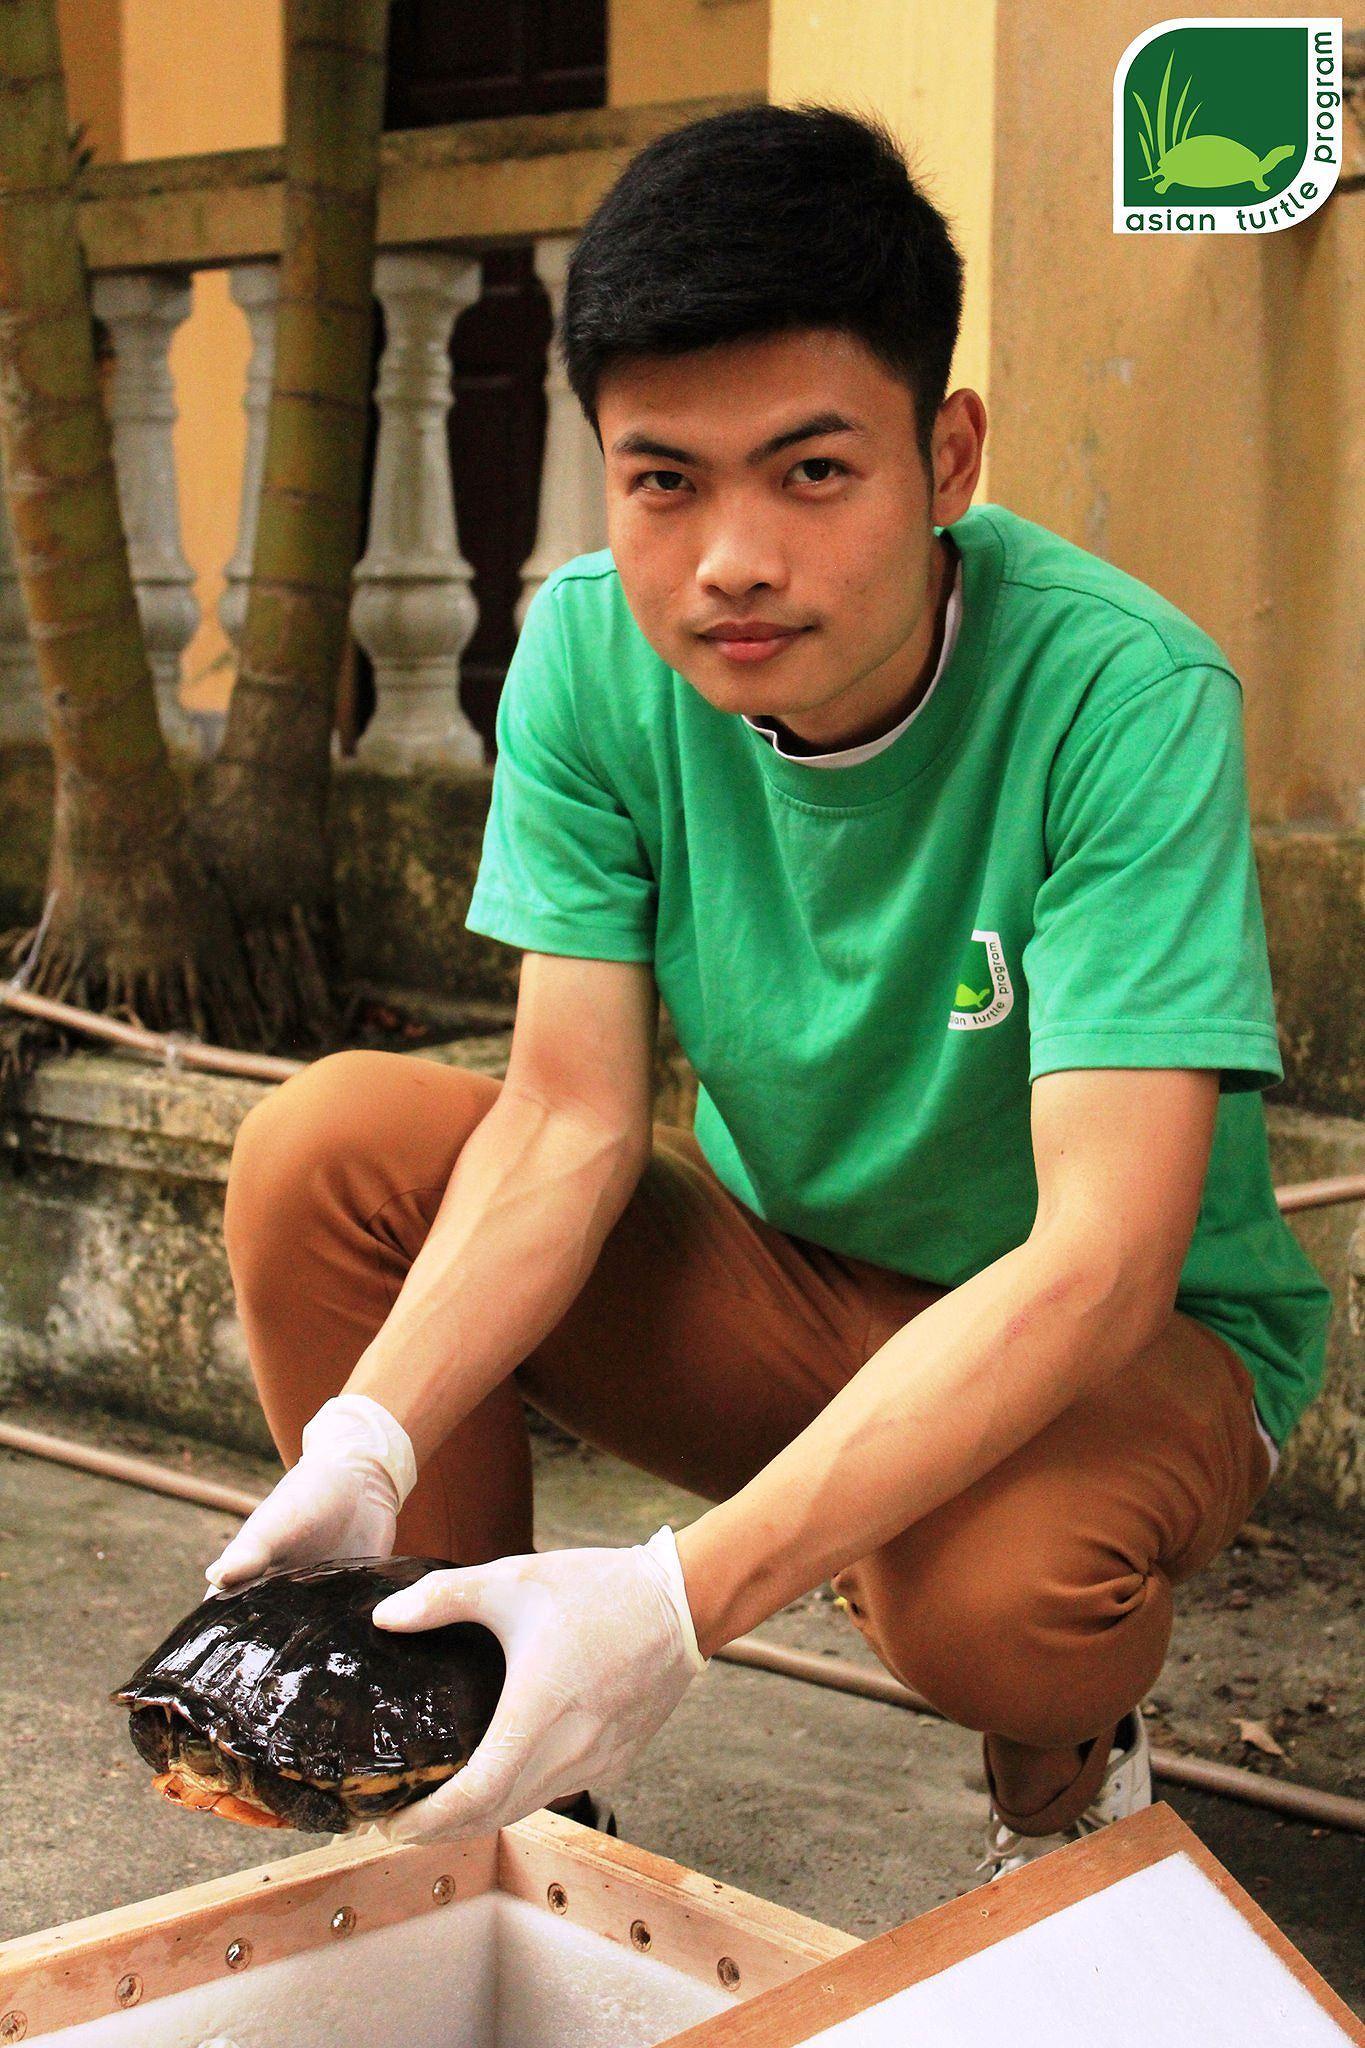 Hồng Kông bàn giao một cá thể rùa quý hiếm cho Việt Nam Ảnh 3